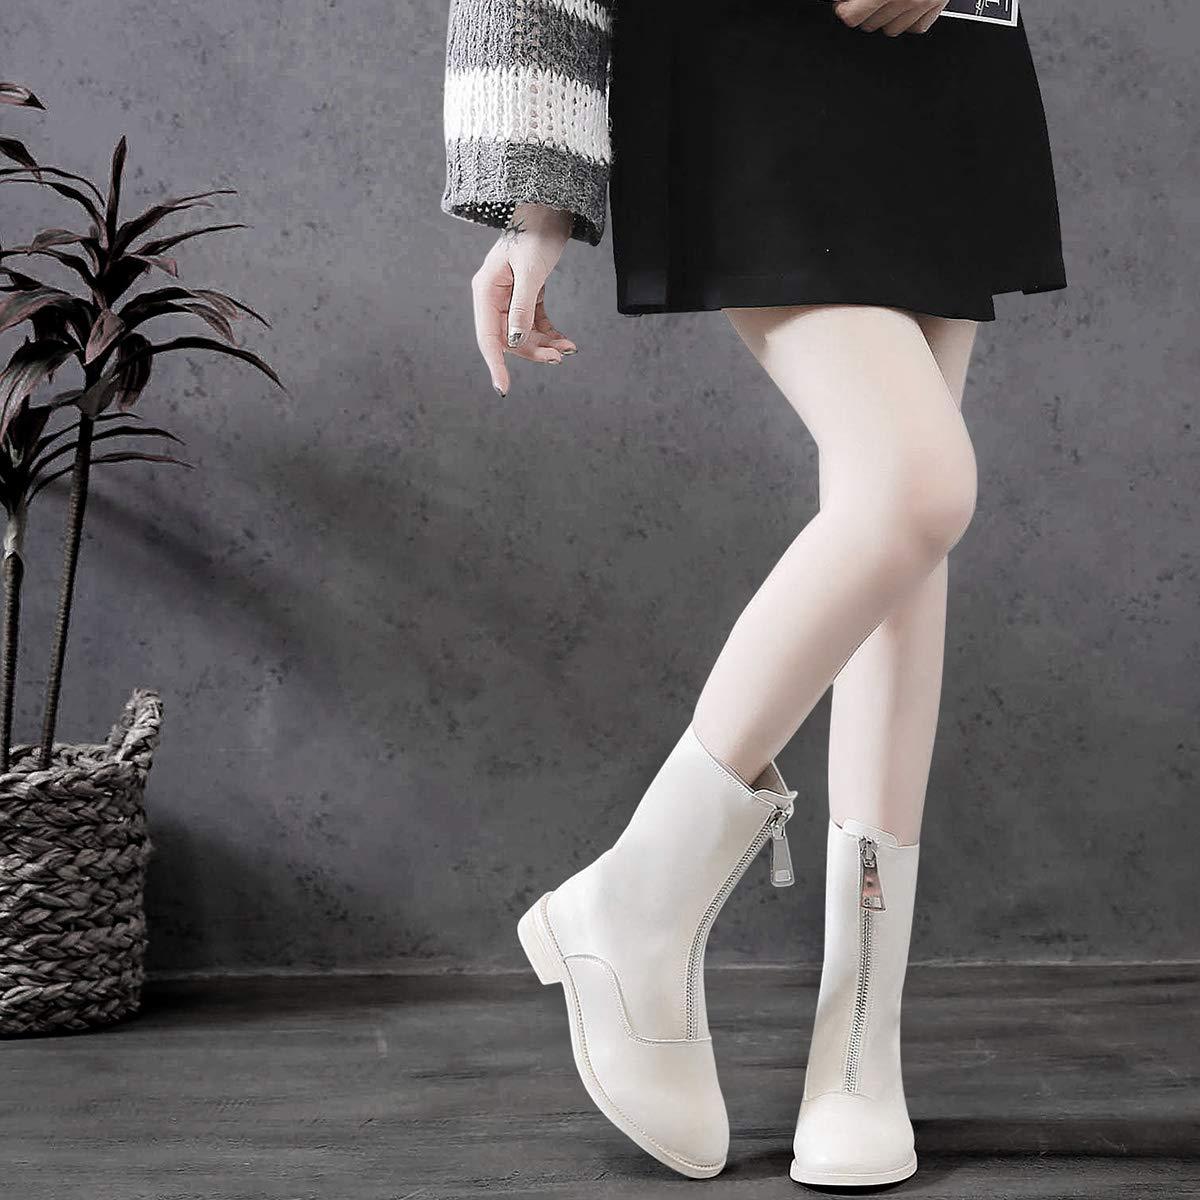 Shukun Stiefeletten Martin Stiefel Frauen Stiefelies Herbst Studenten Wild Front Reißverschluss weißen Stiefeln